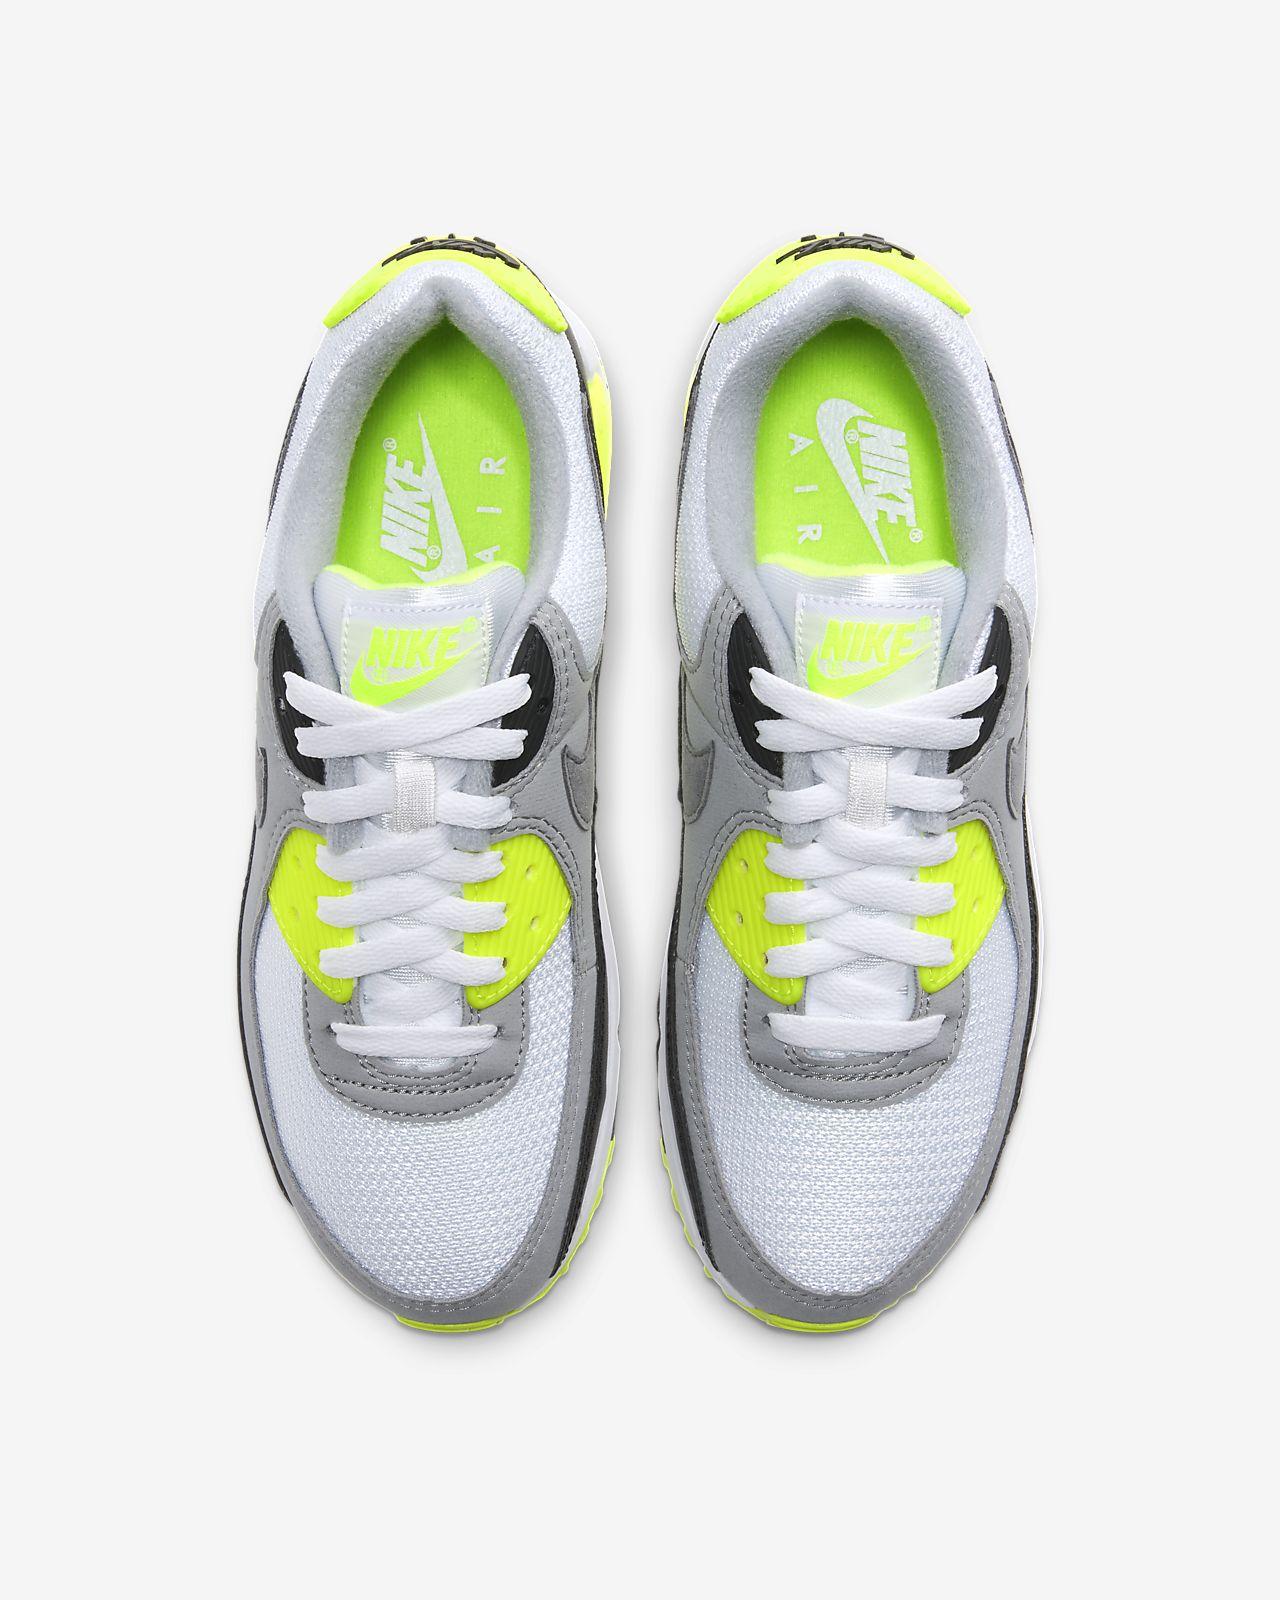 nike air max 90 neon hvit